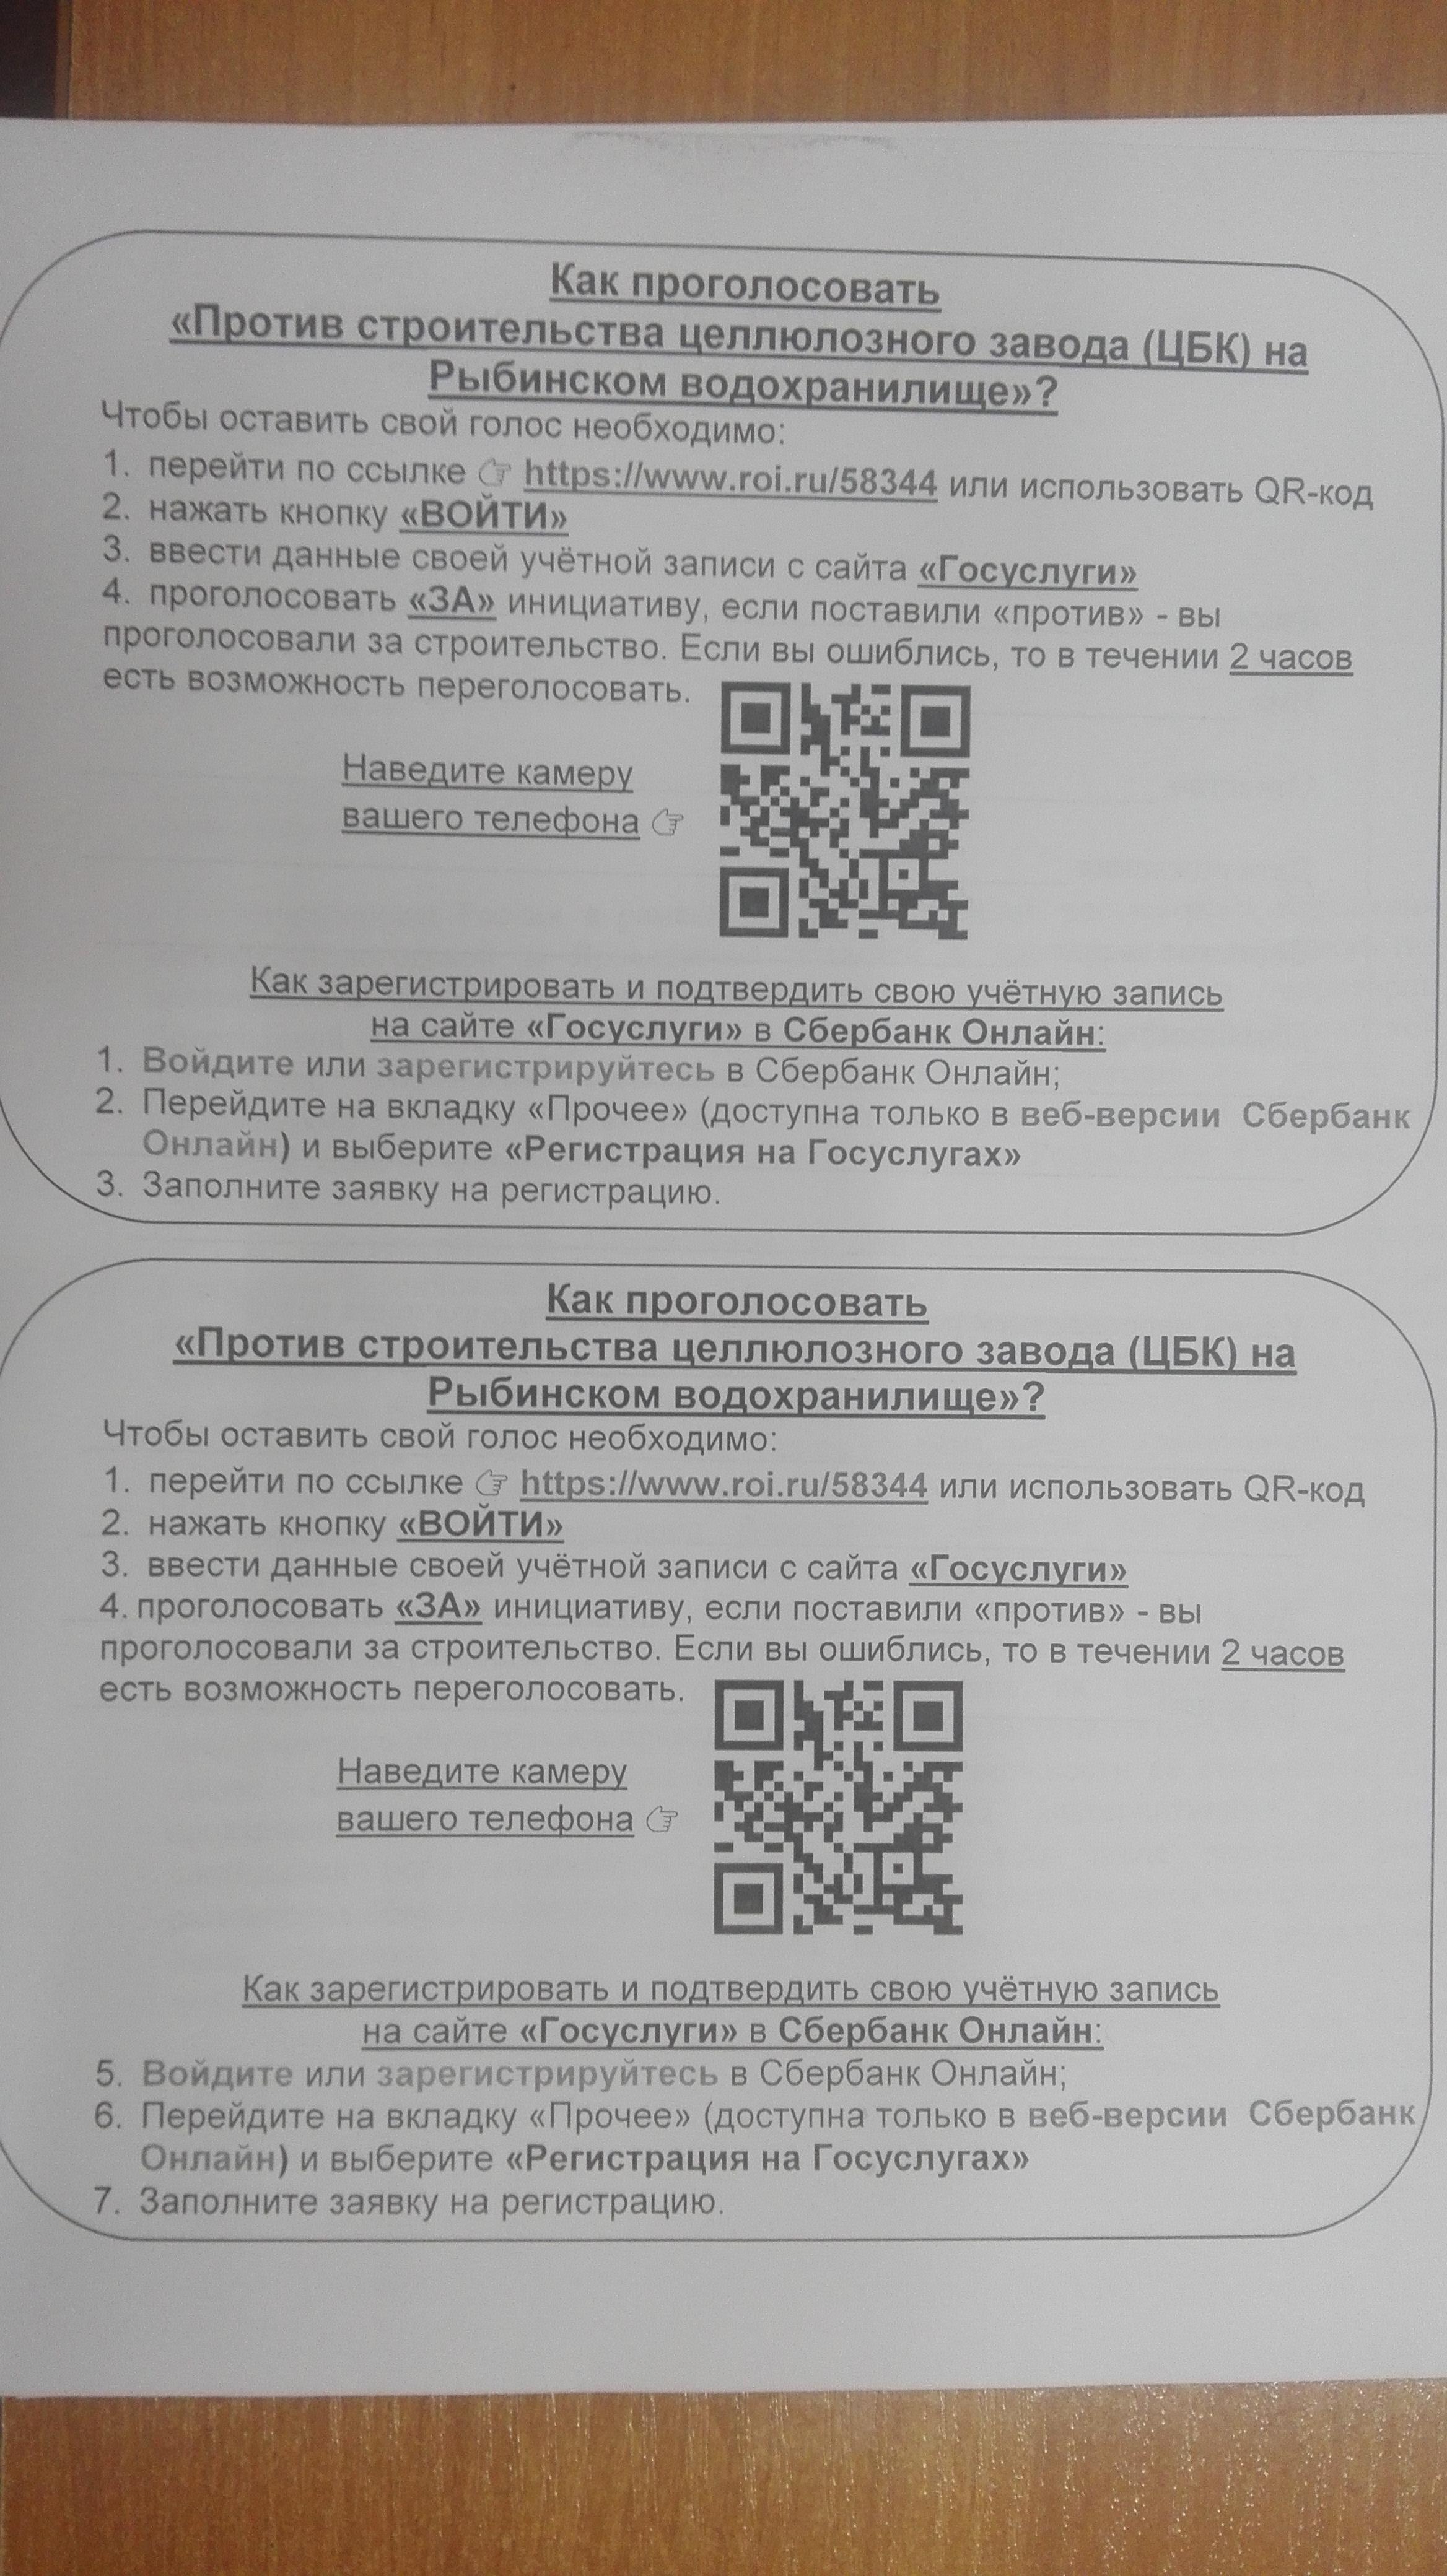 Как проголосовать «Против строительства целлюлозного завода (ЦБК) на Рыбинском водохранилище»?